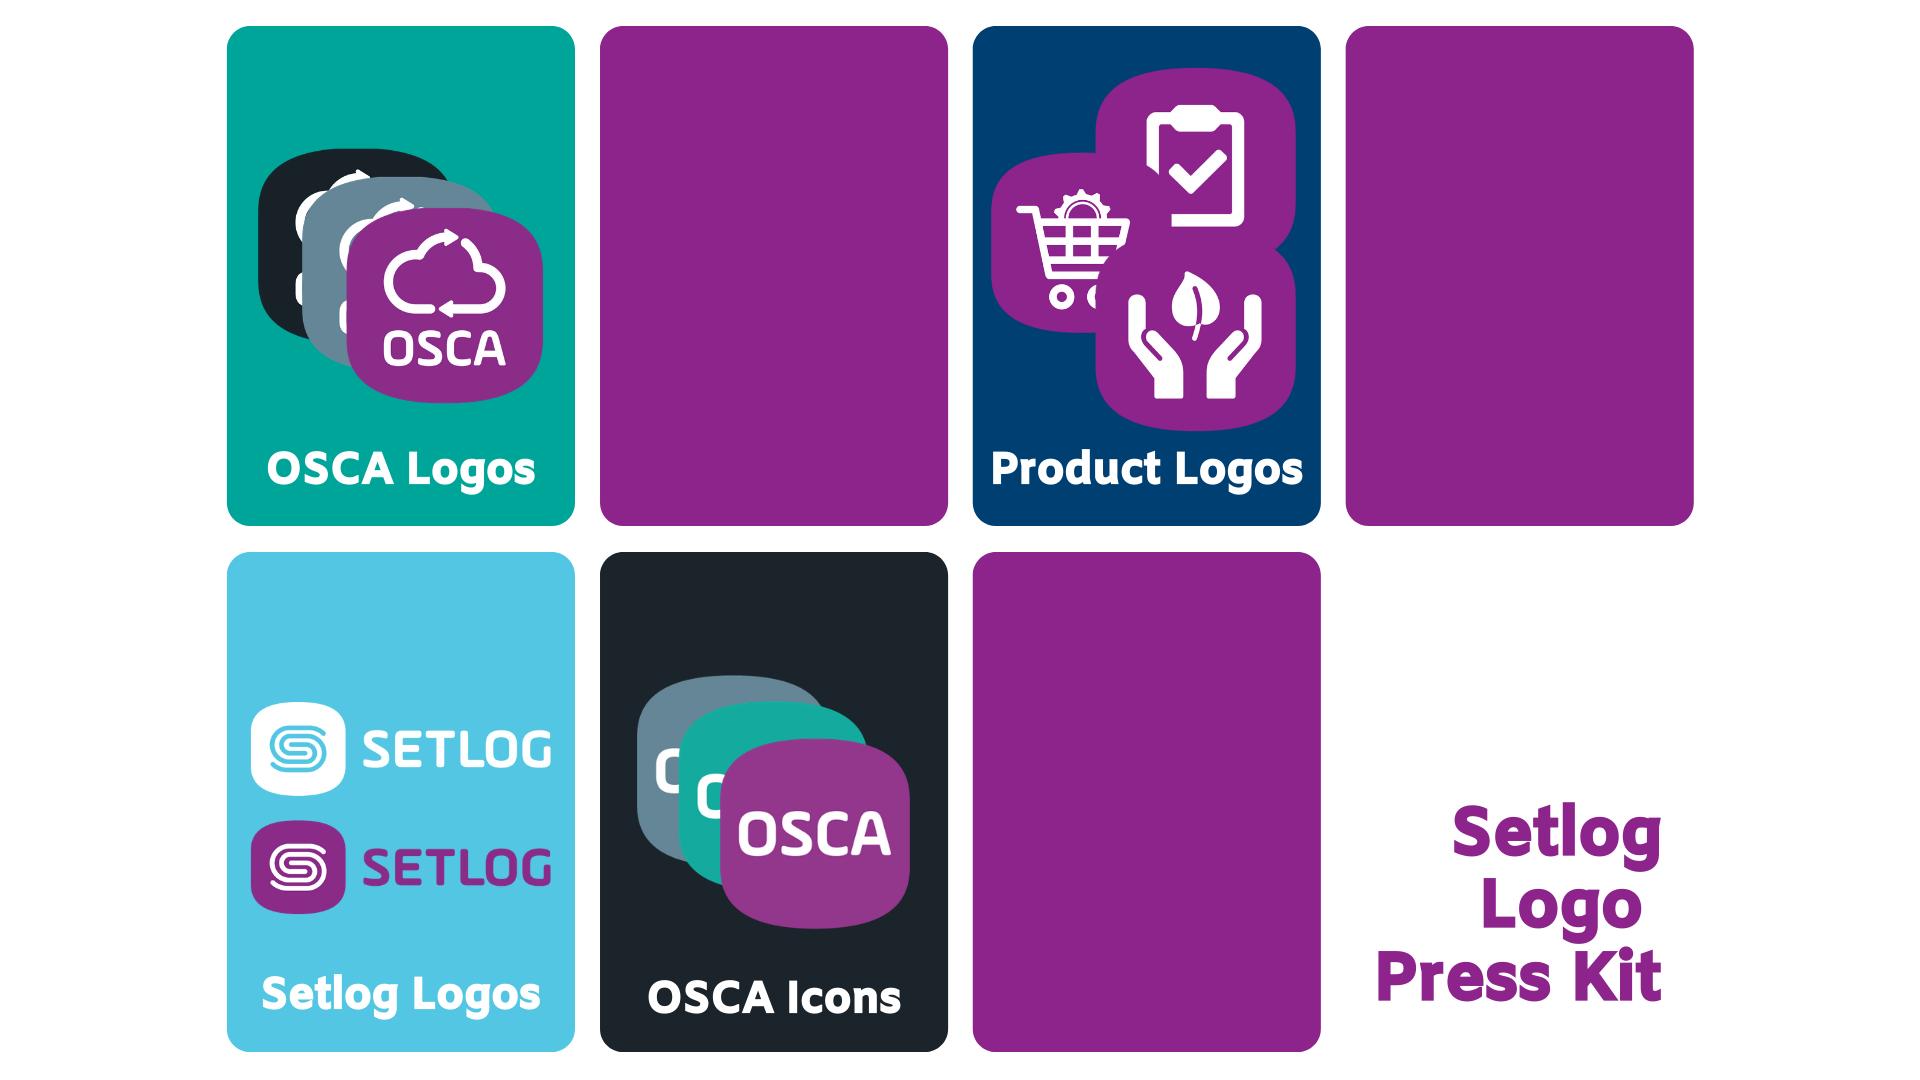 Setlog Logo Presse Kit für Supply Chain News